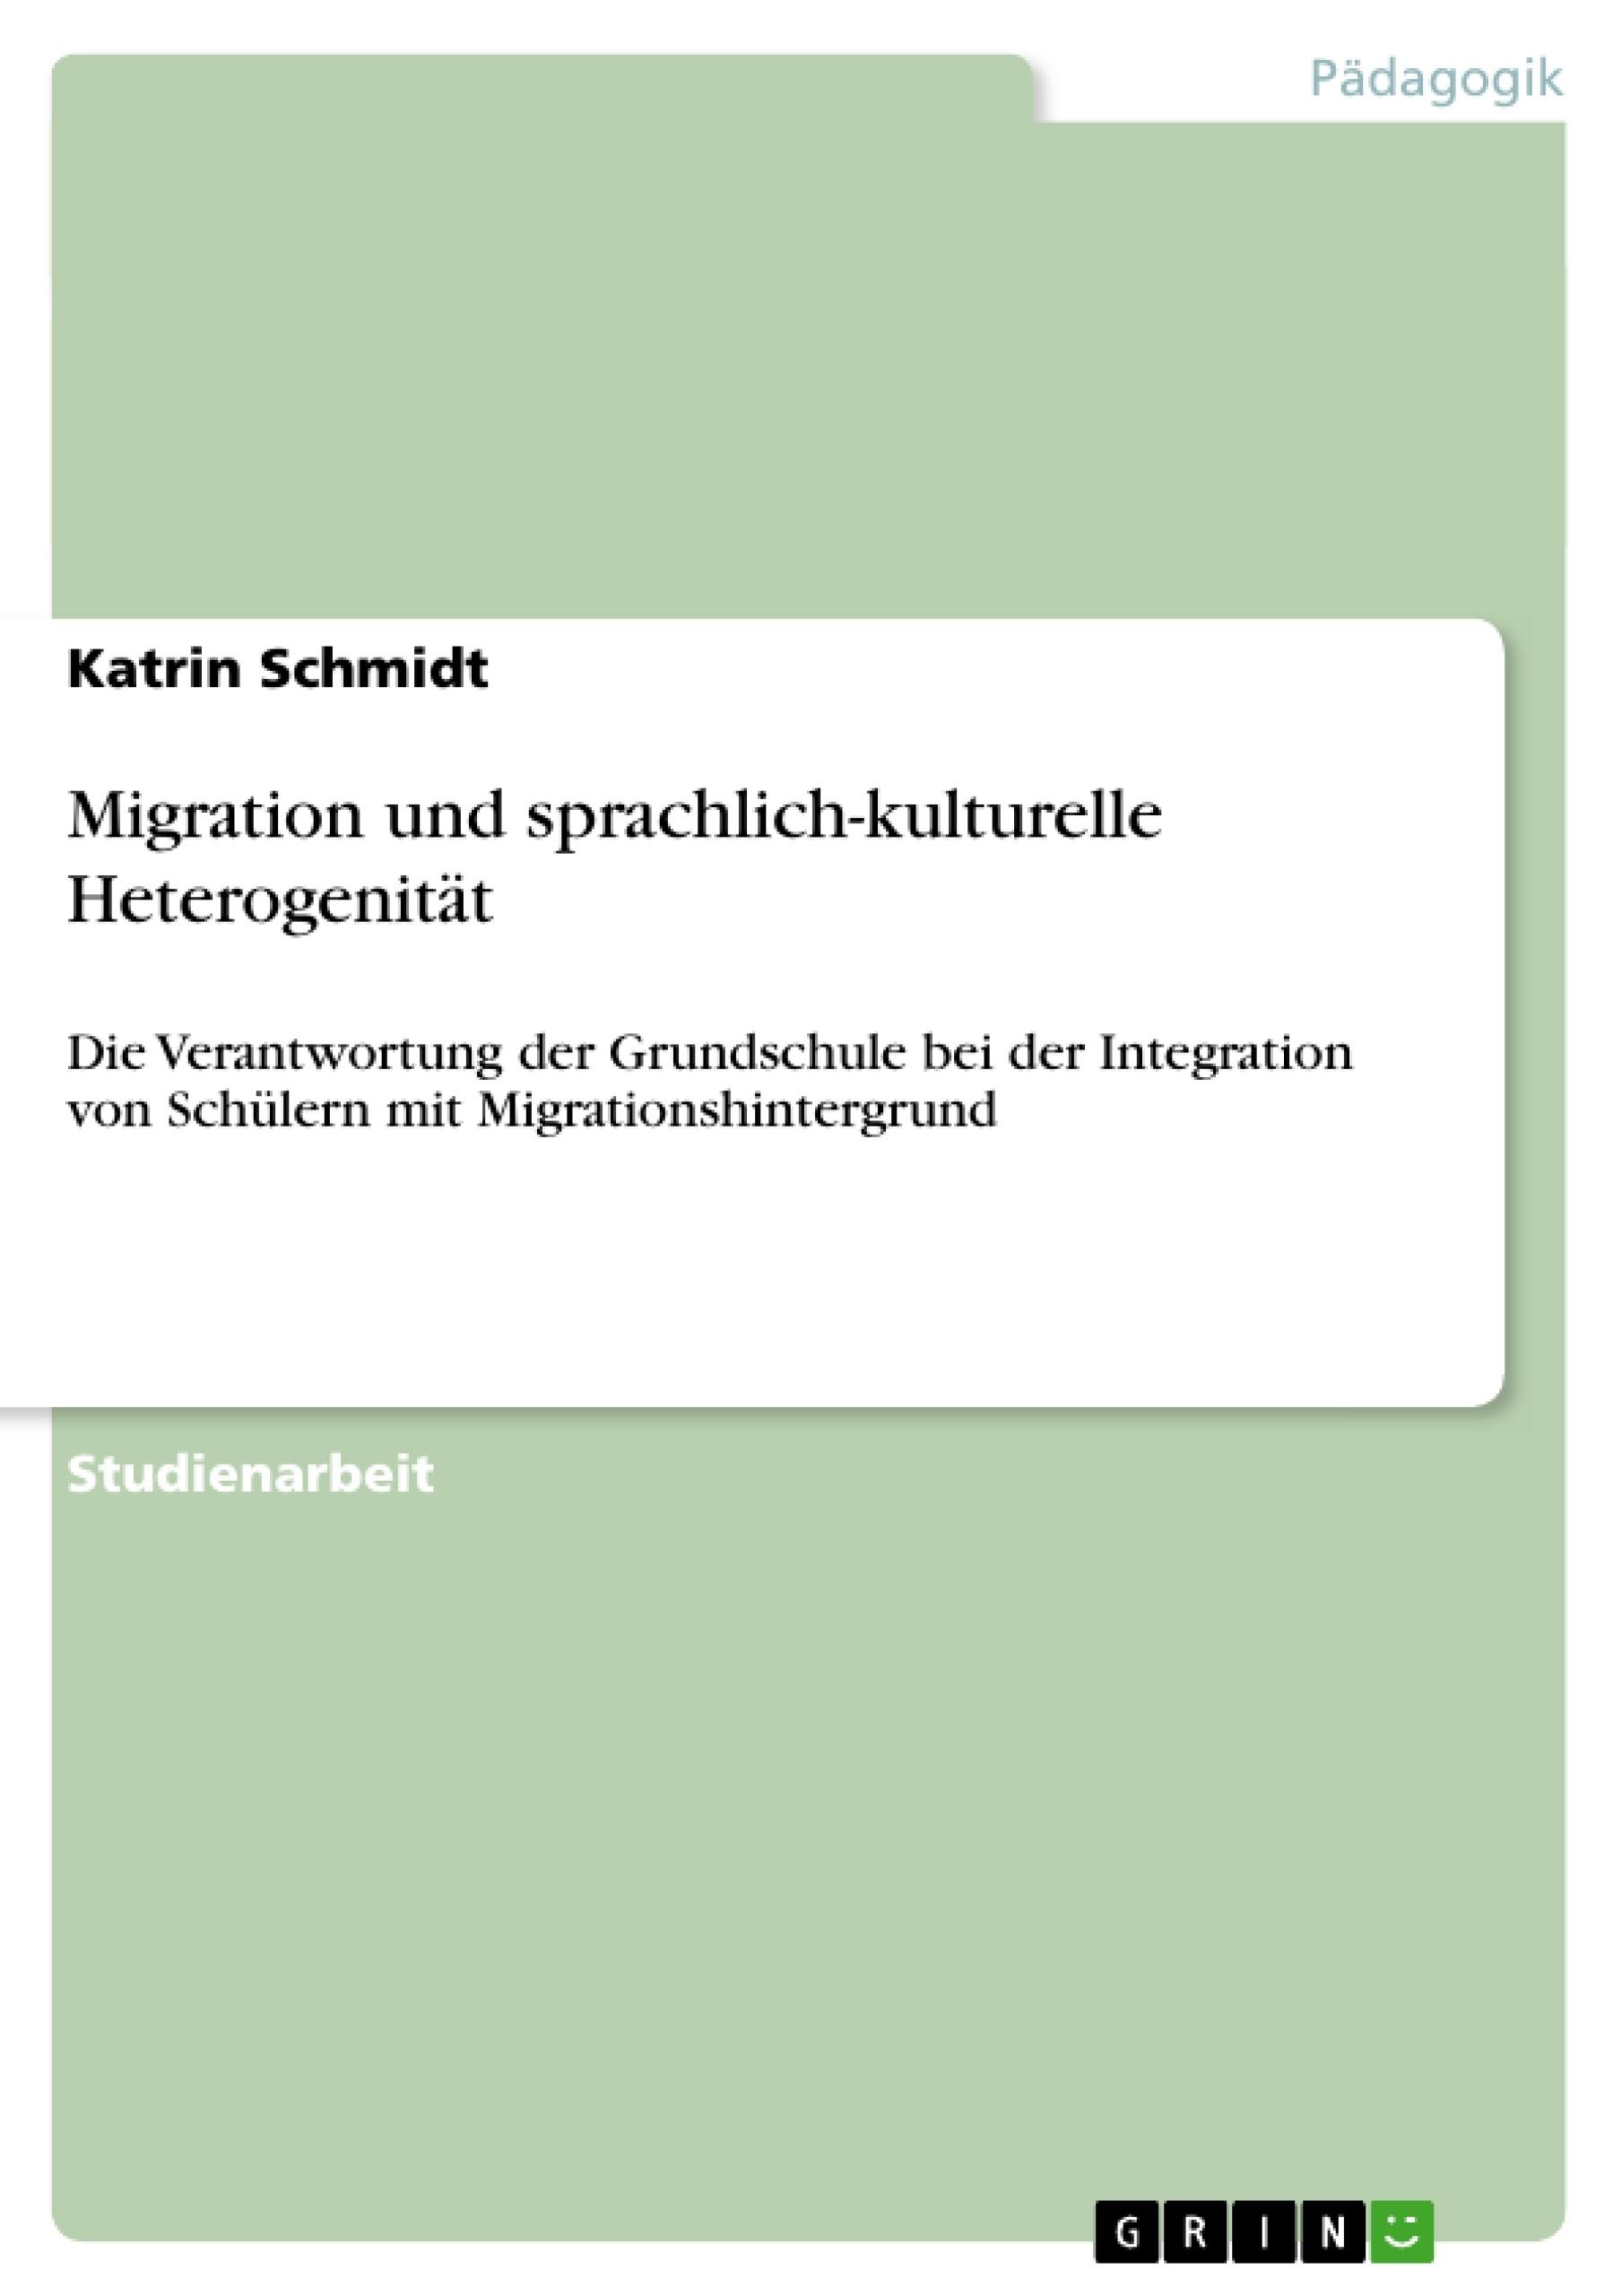 Titel: Migration und sprachlich-kulturelle Heterogenität